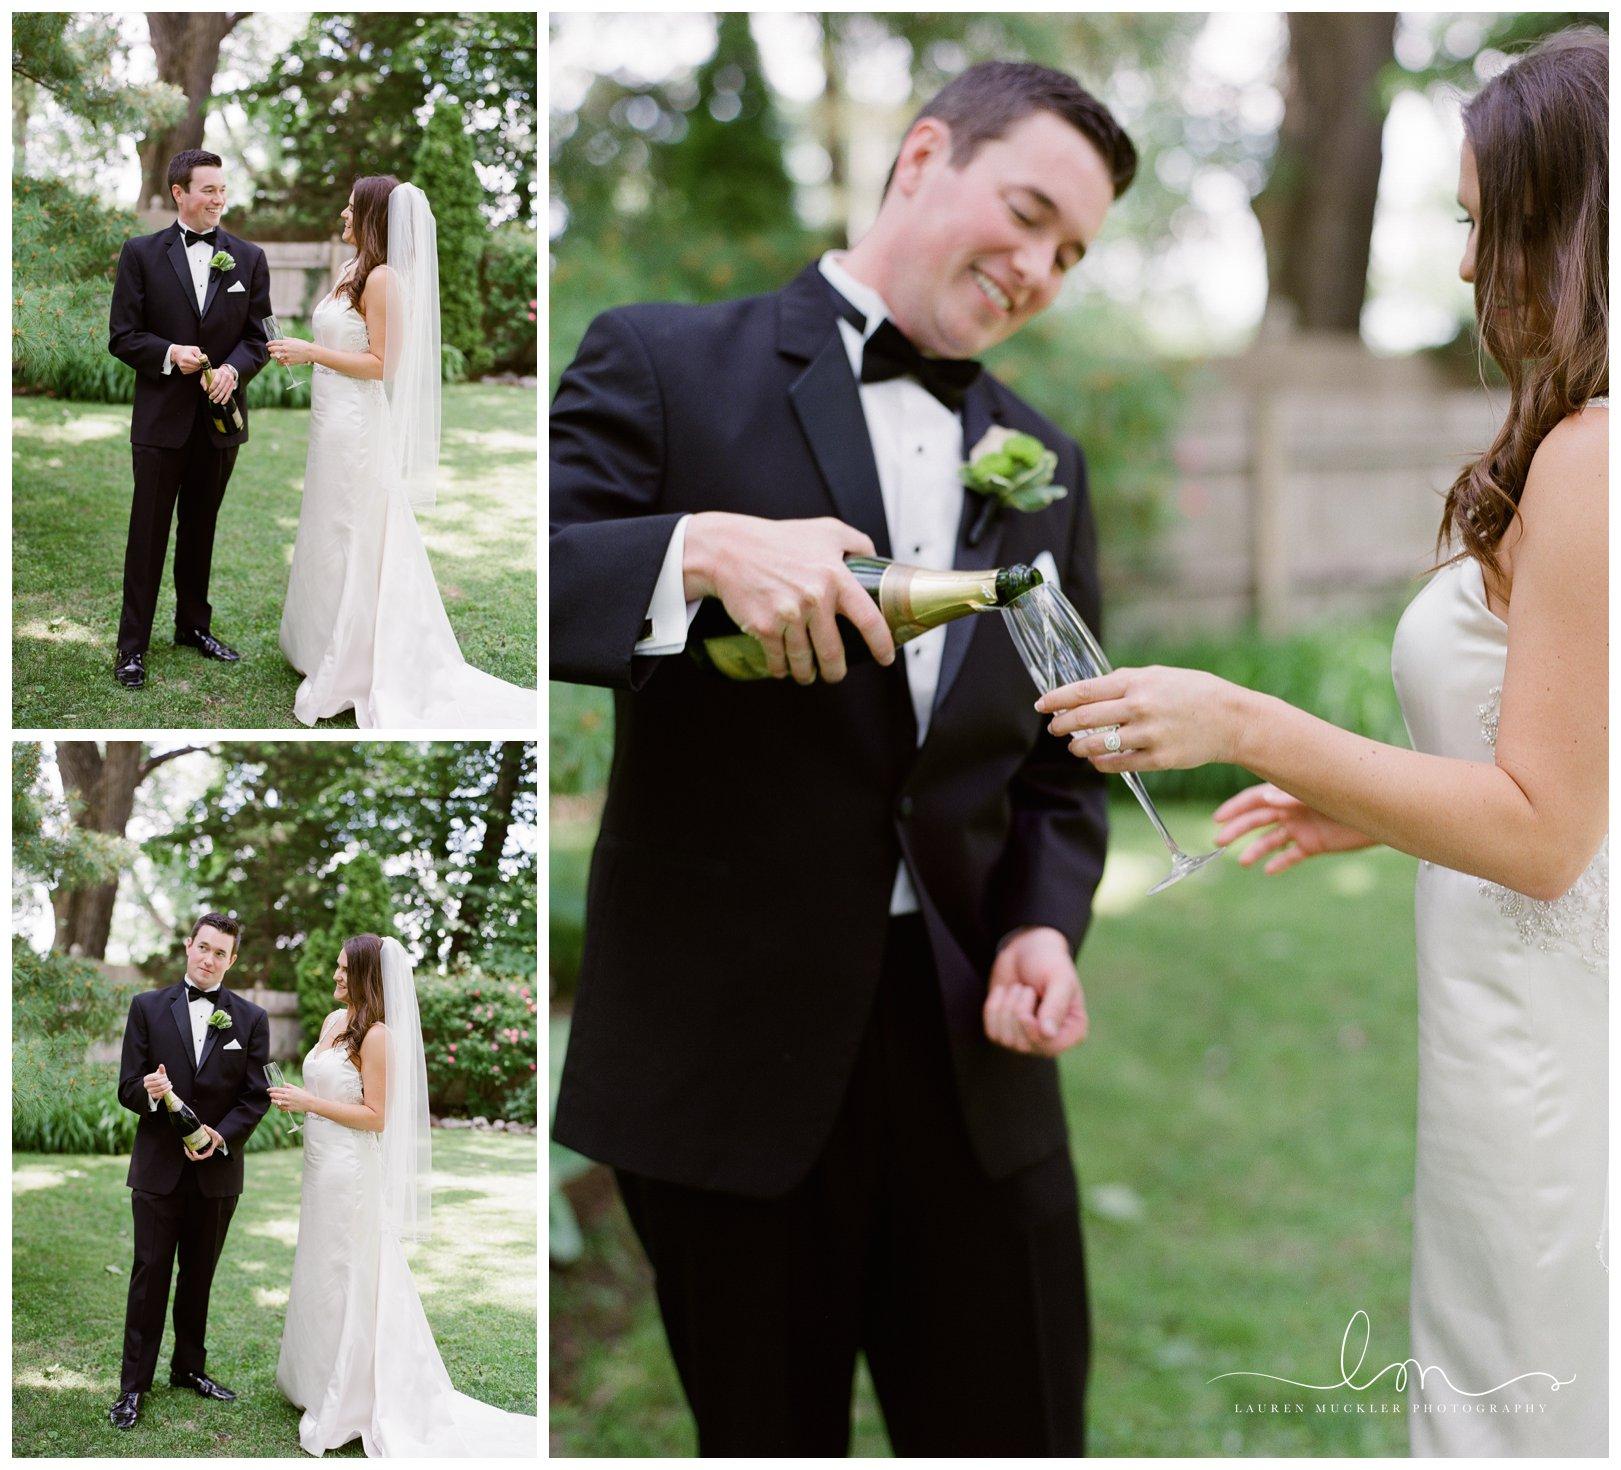 lauren muckler photography_fine art film wedding photography_st louis_photography_0215.jpg